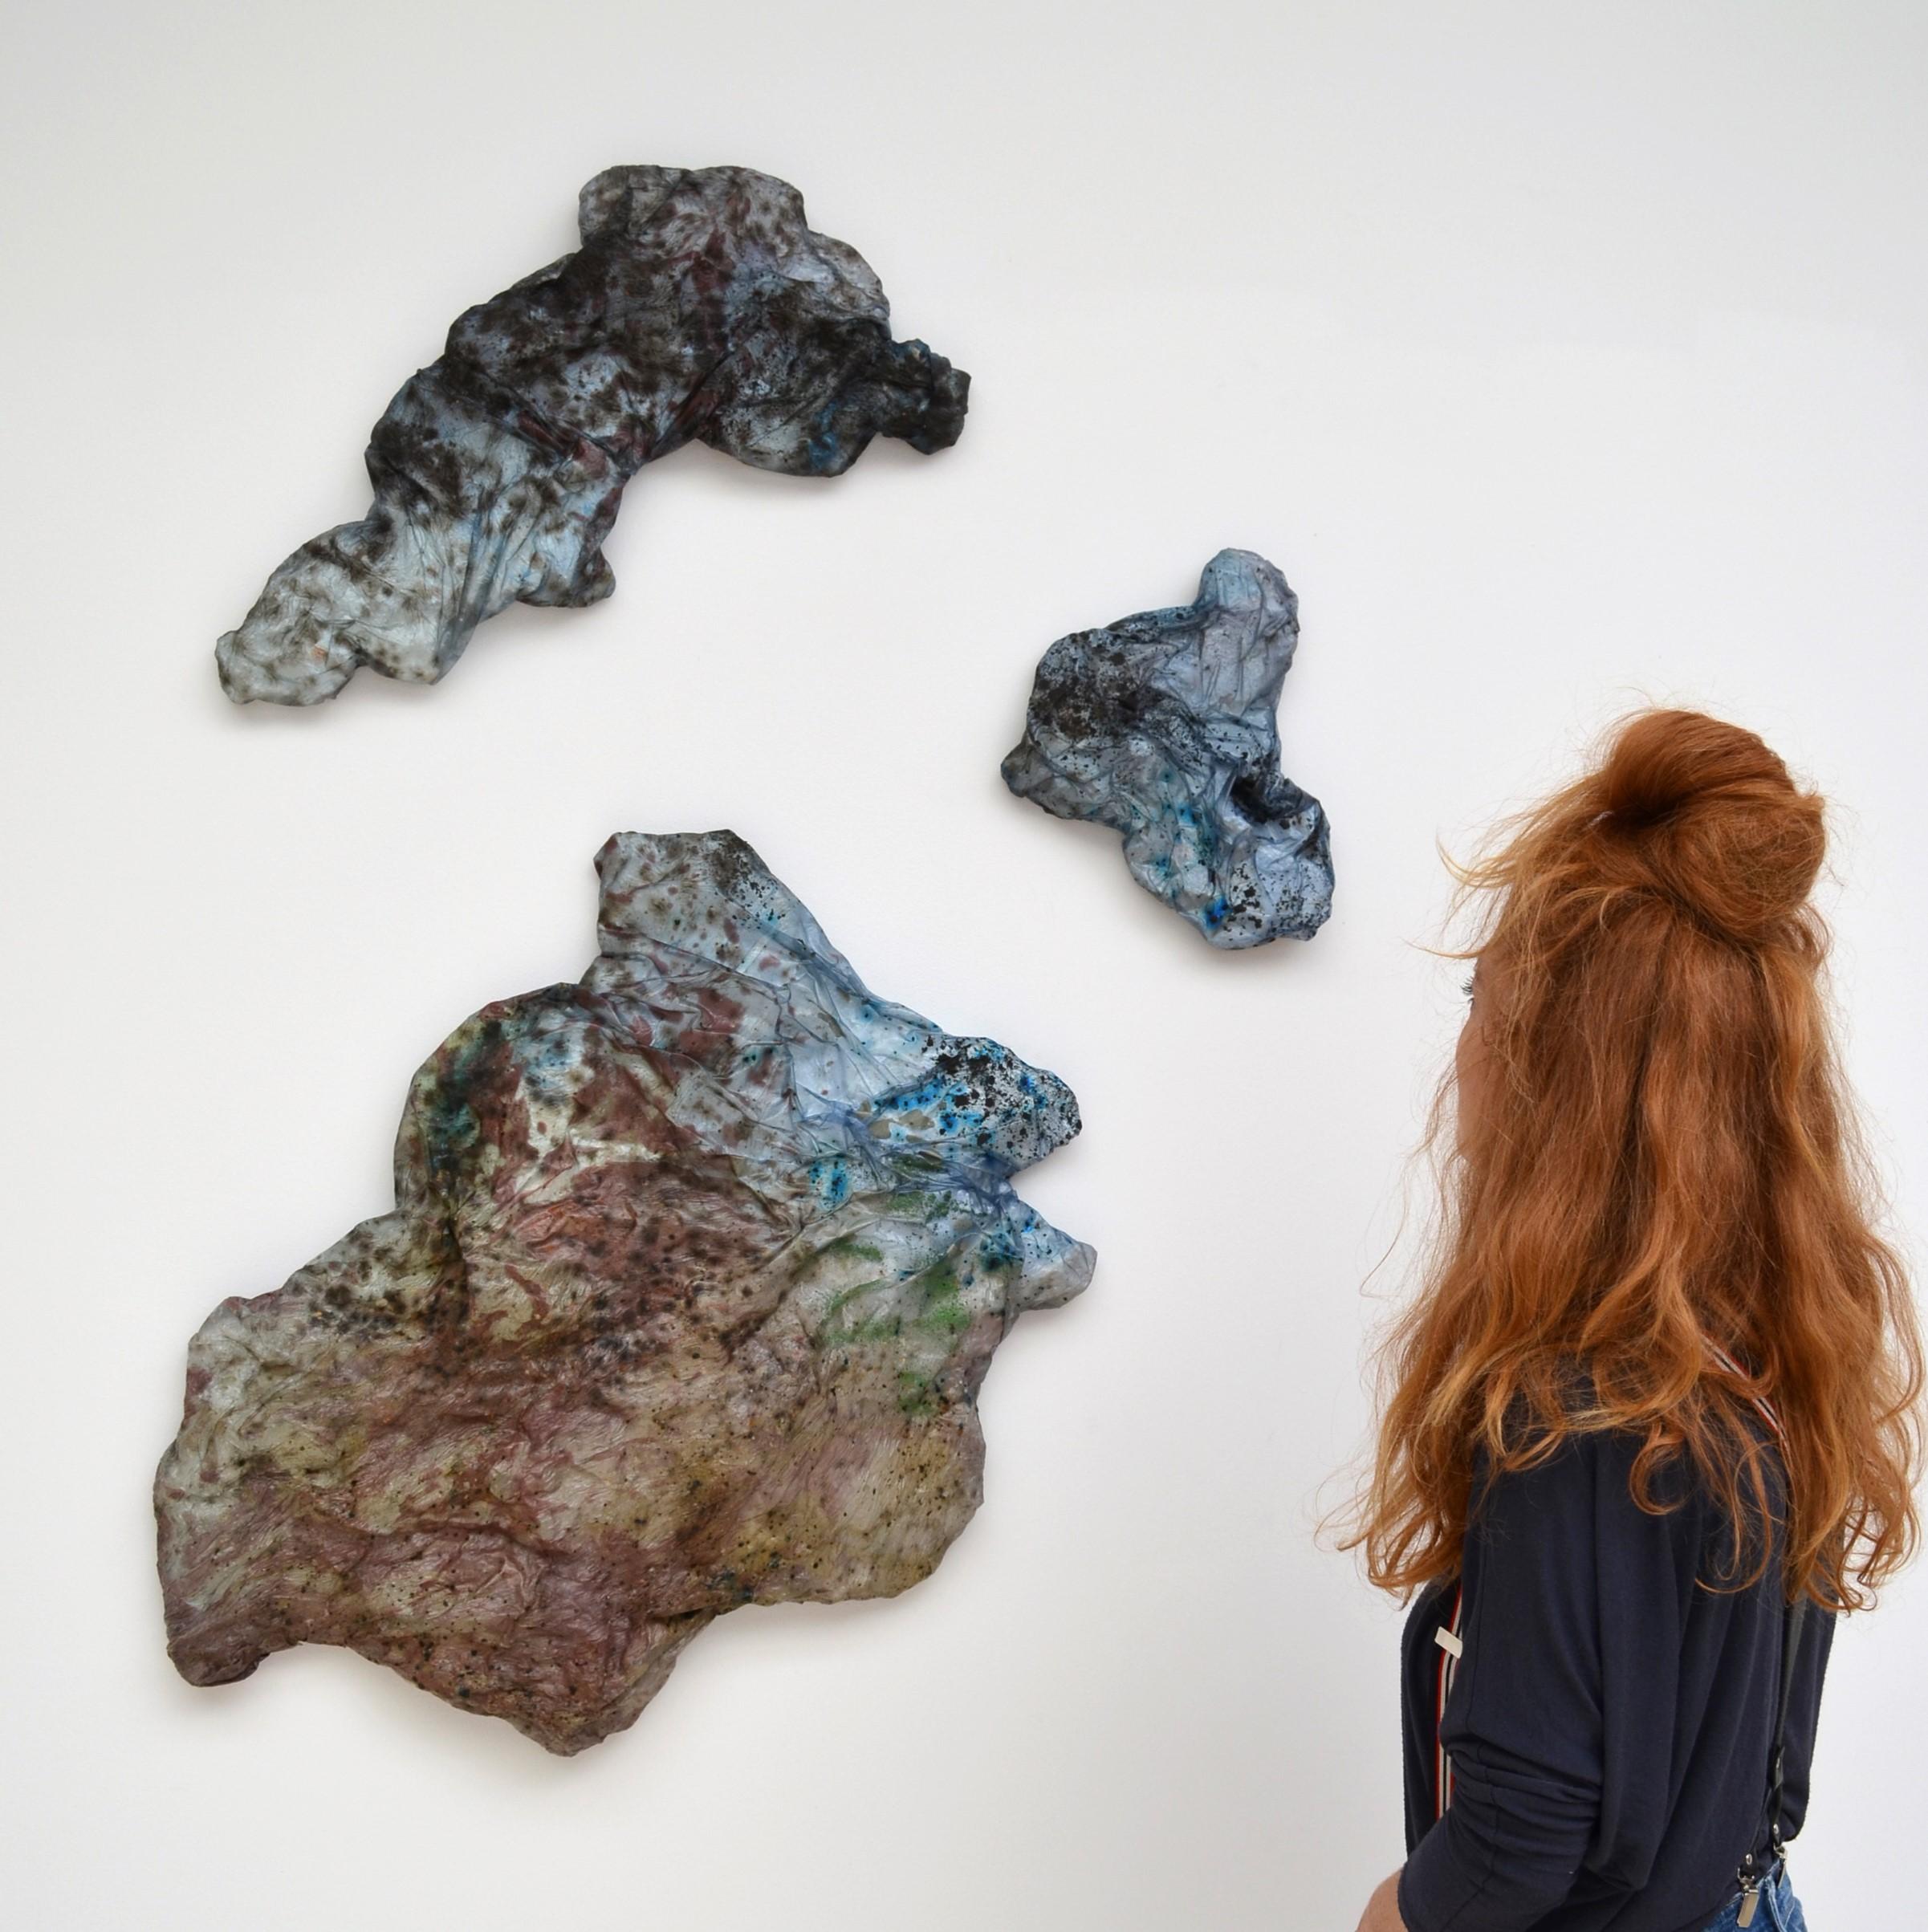 Charlotte Gautier Van Tour - Lecanora muralis, agar-agar, glycérine de moutarde, spiruline, pigments naturels, mousse, plâtre, 2020